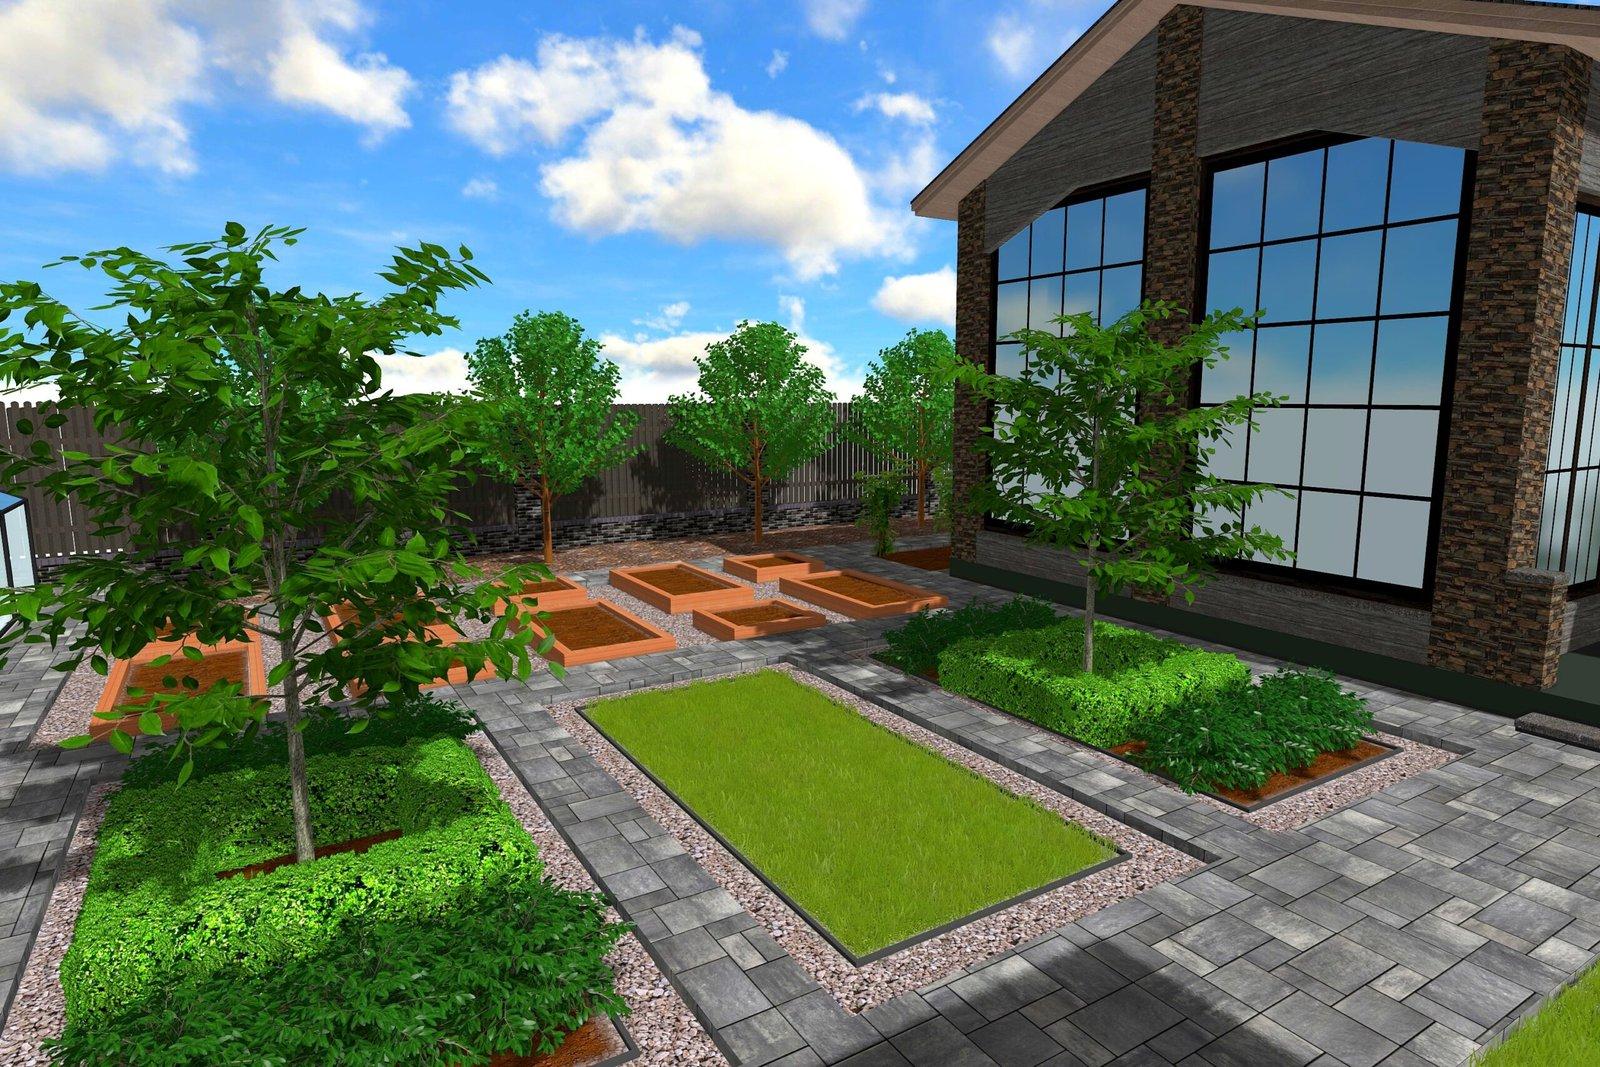 Как создать проект ландшафтного дизайна в стиле модерн, как создать проект участка в стиле модерн, как создать проект сада в стиле модерн